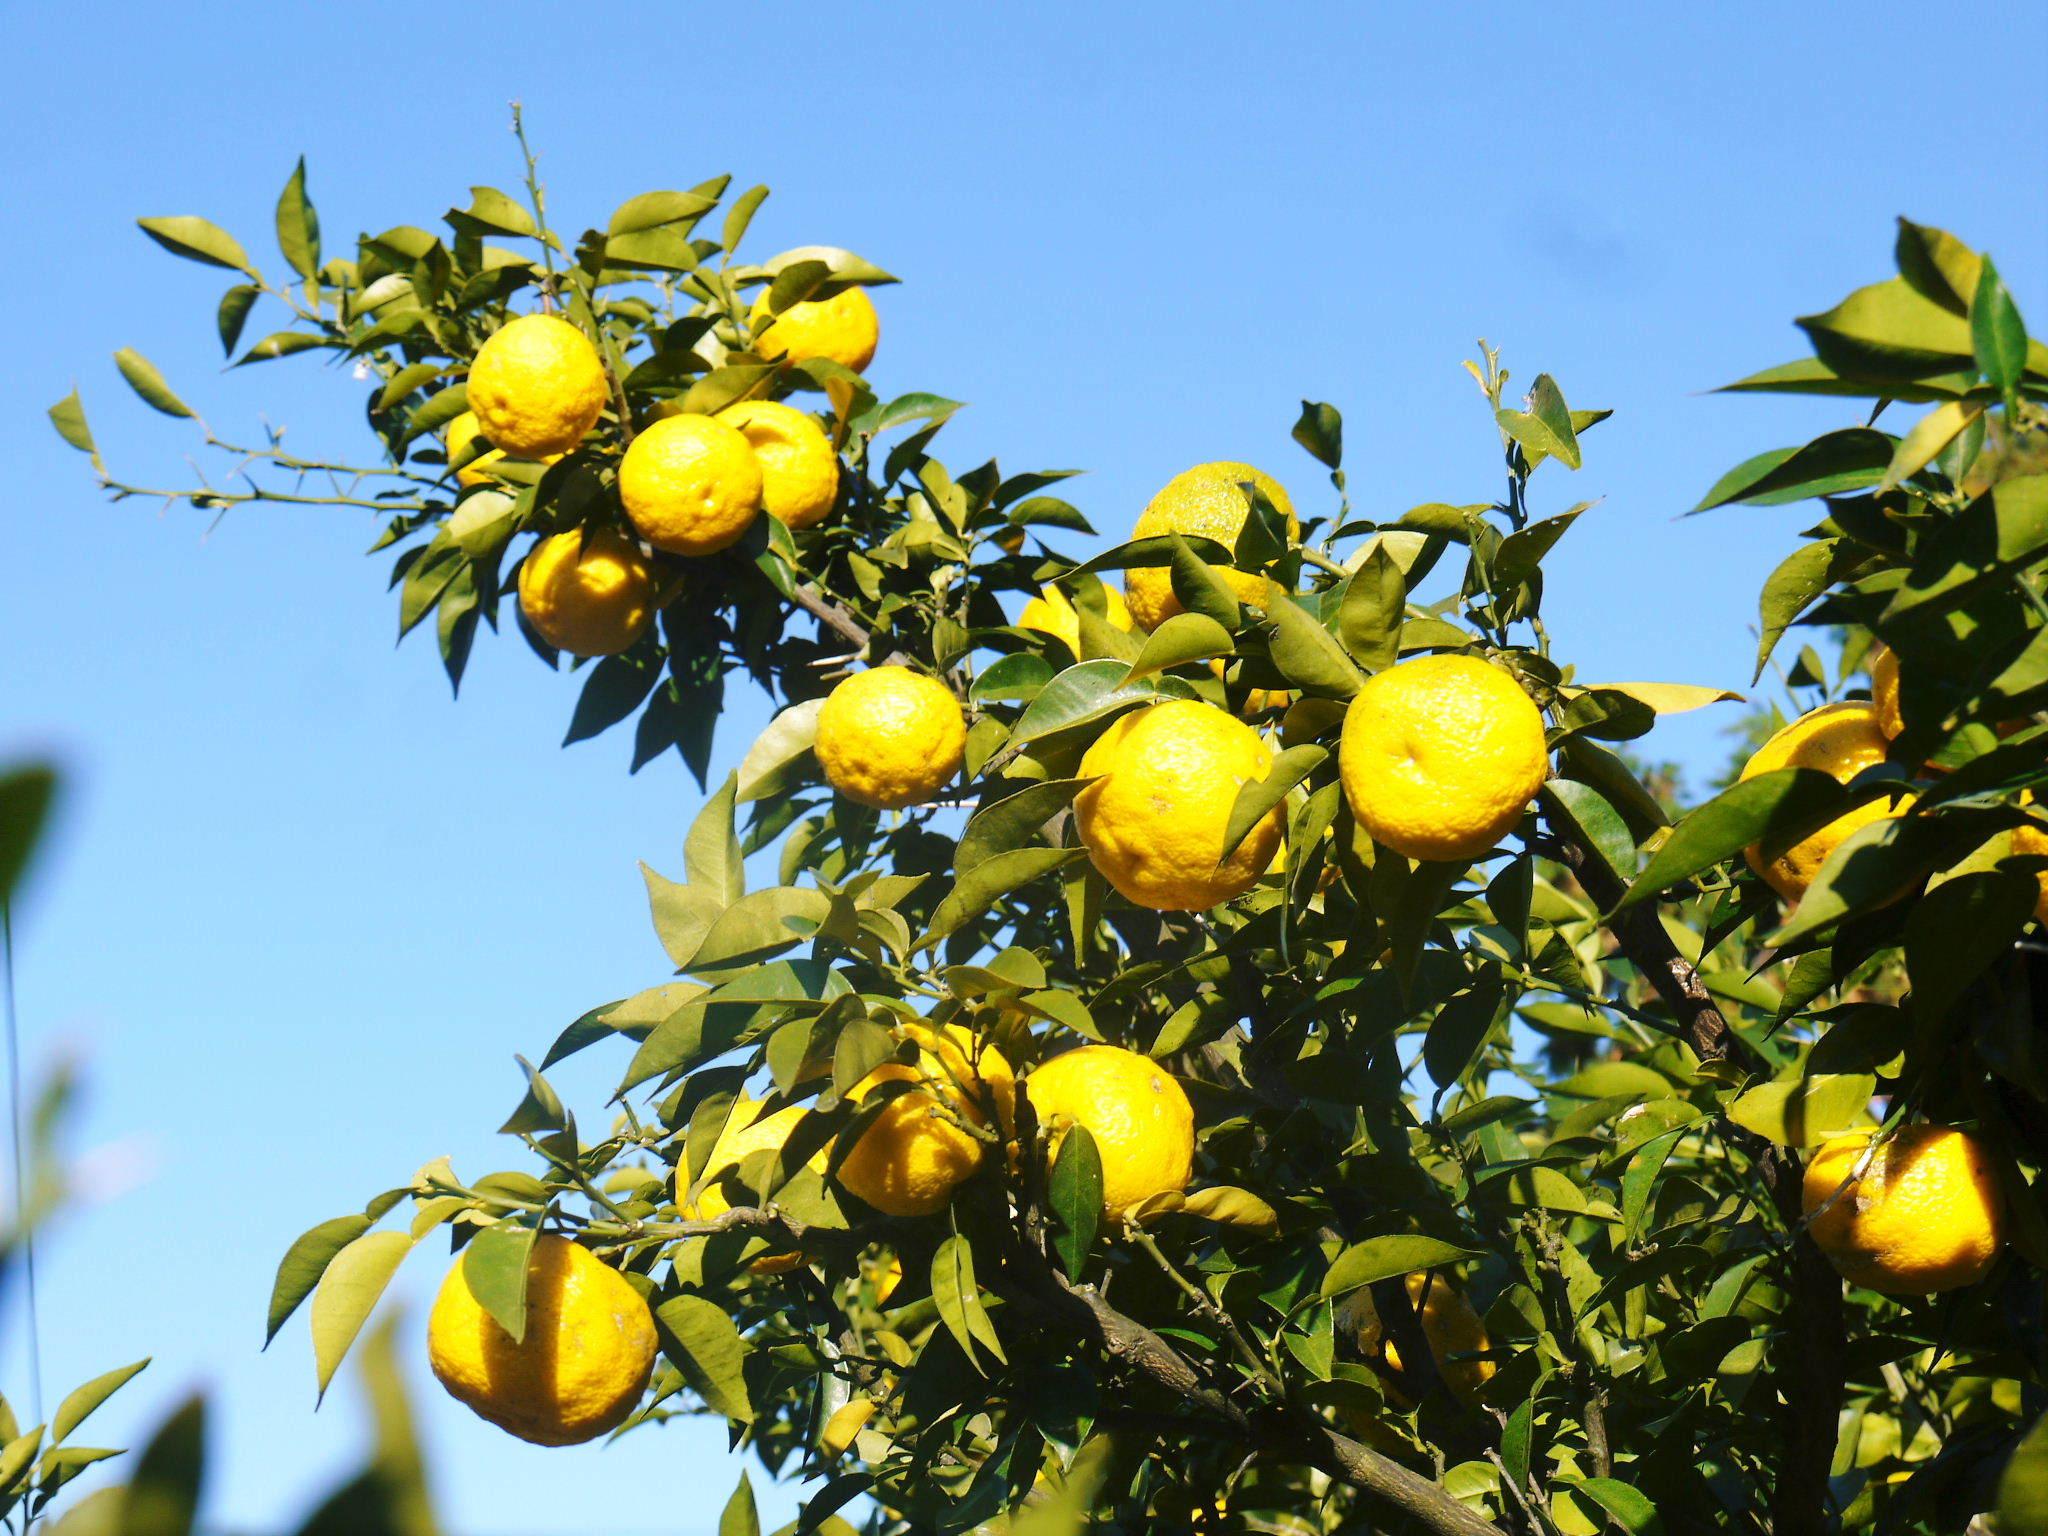 香り高き柚子(ゆず) 令和3年の青柚子の出荷予定と現在の様子 今のうち青唐辛子を購入しておいて下さい_a0254656_18495740.jpg